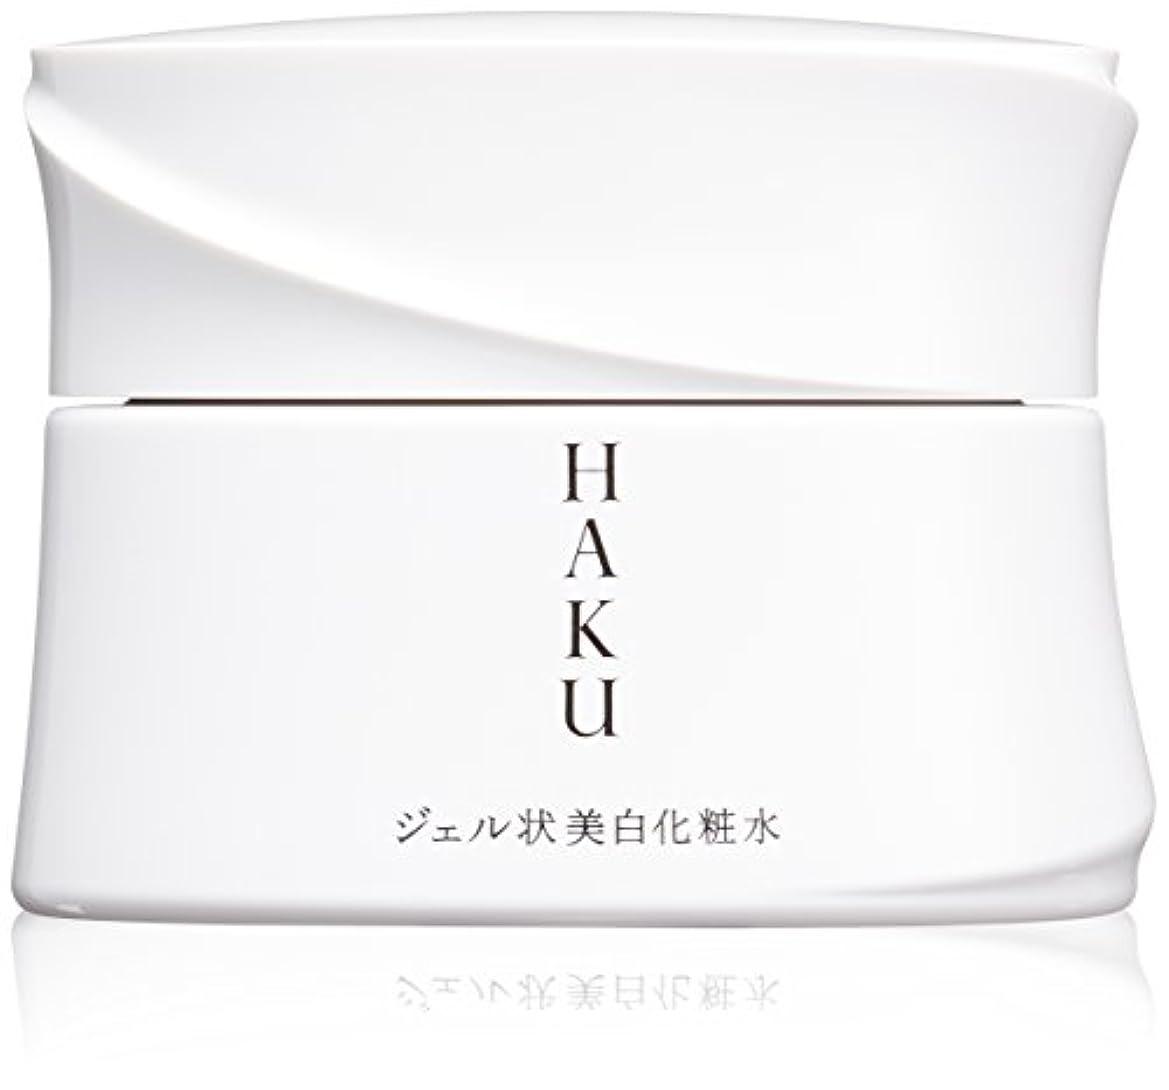 警報発言する植物のHAKU メラノディープモイスチャー 美白化粧水 100g 【医薬部外品】